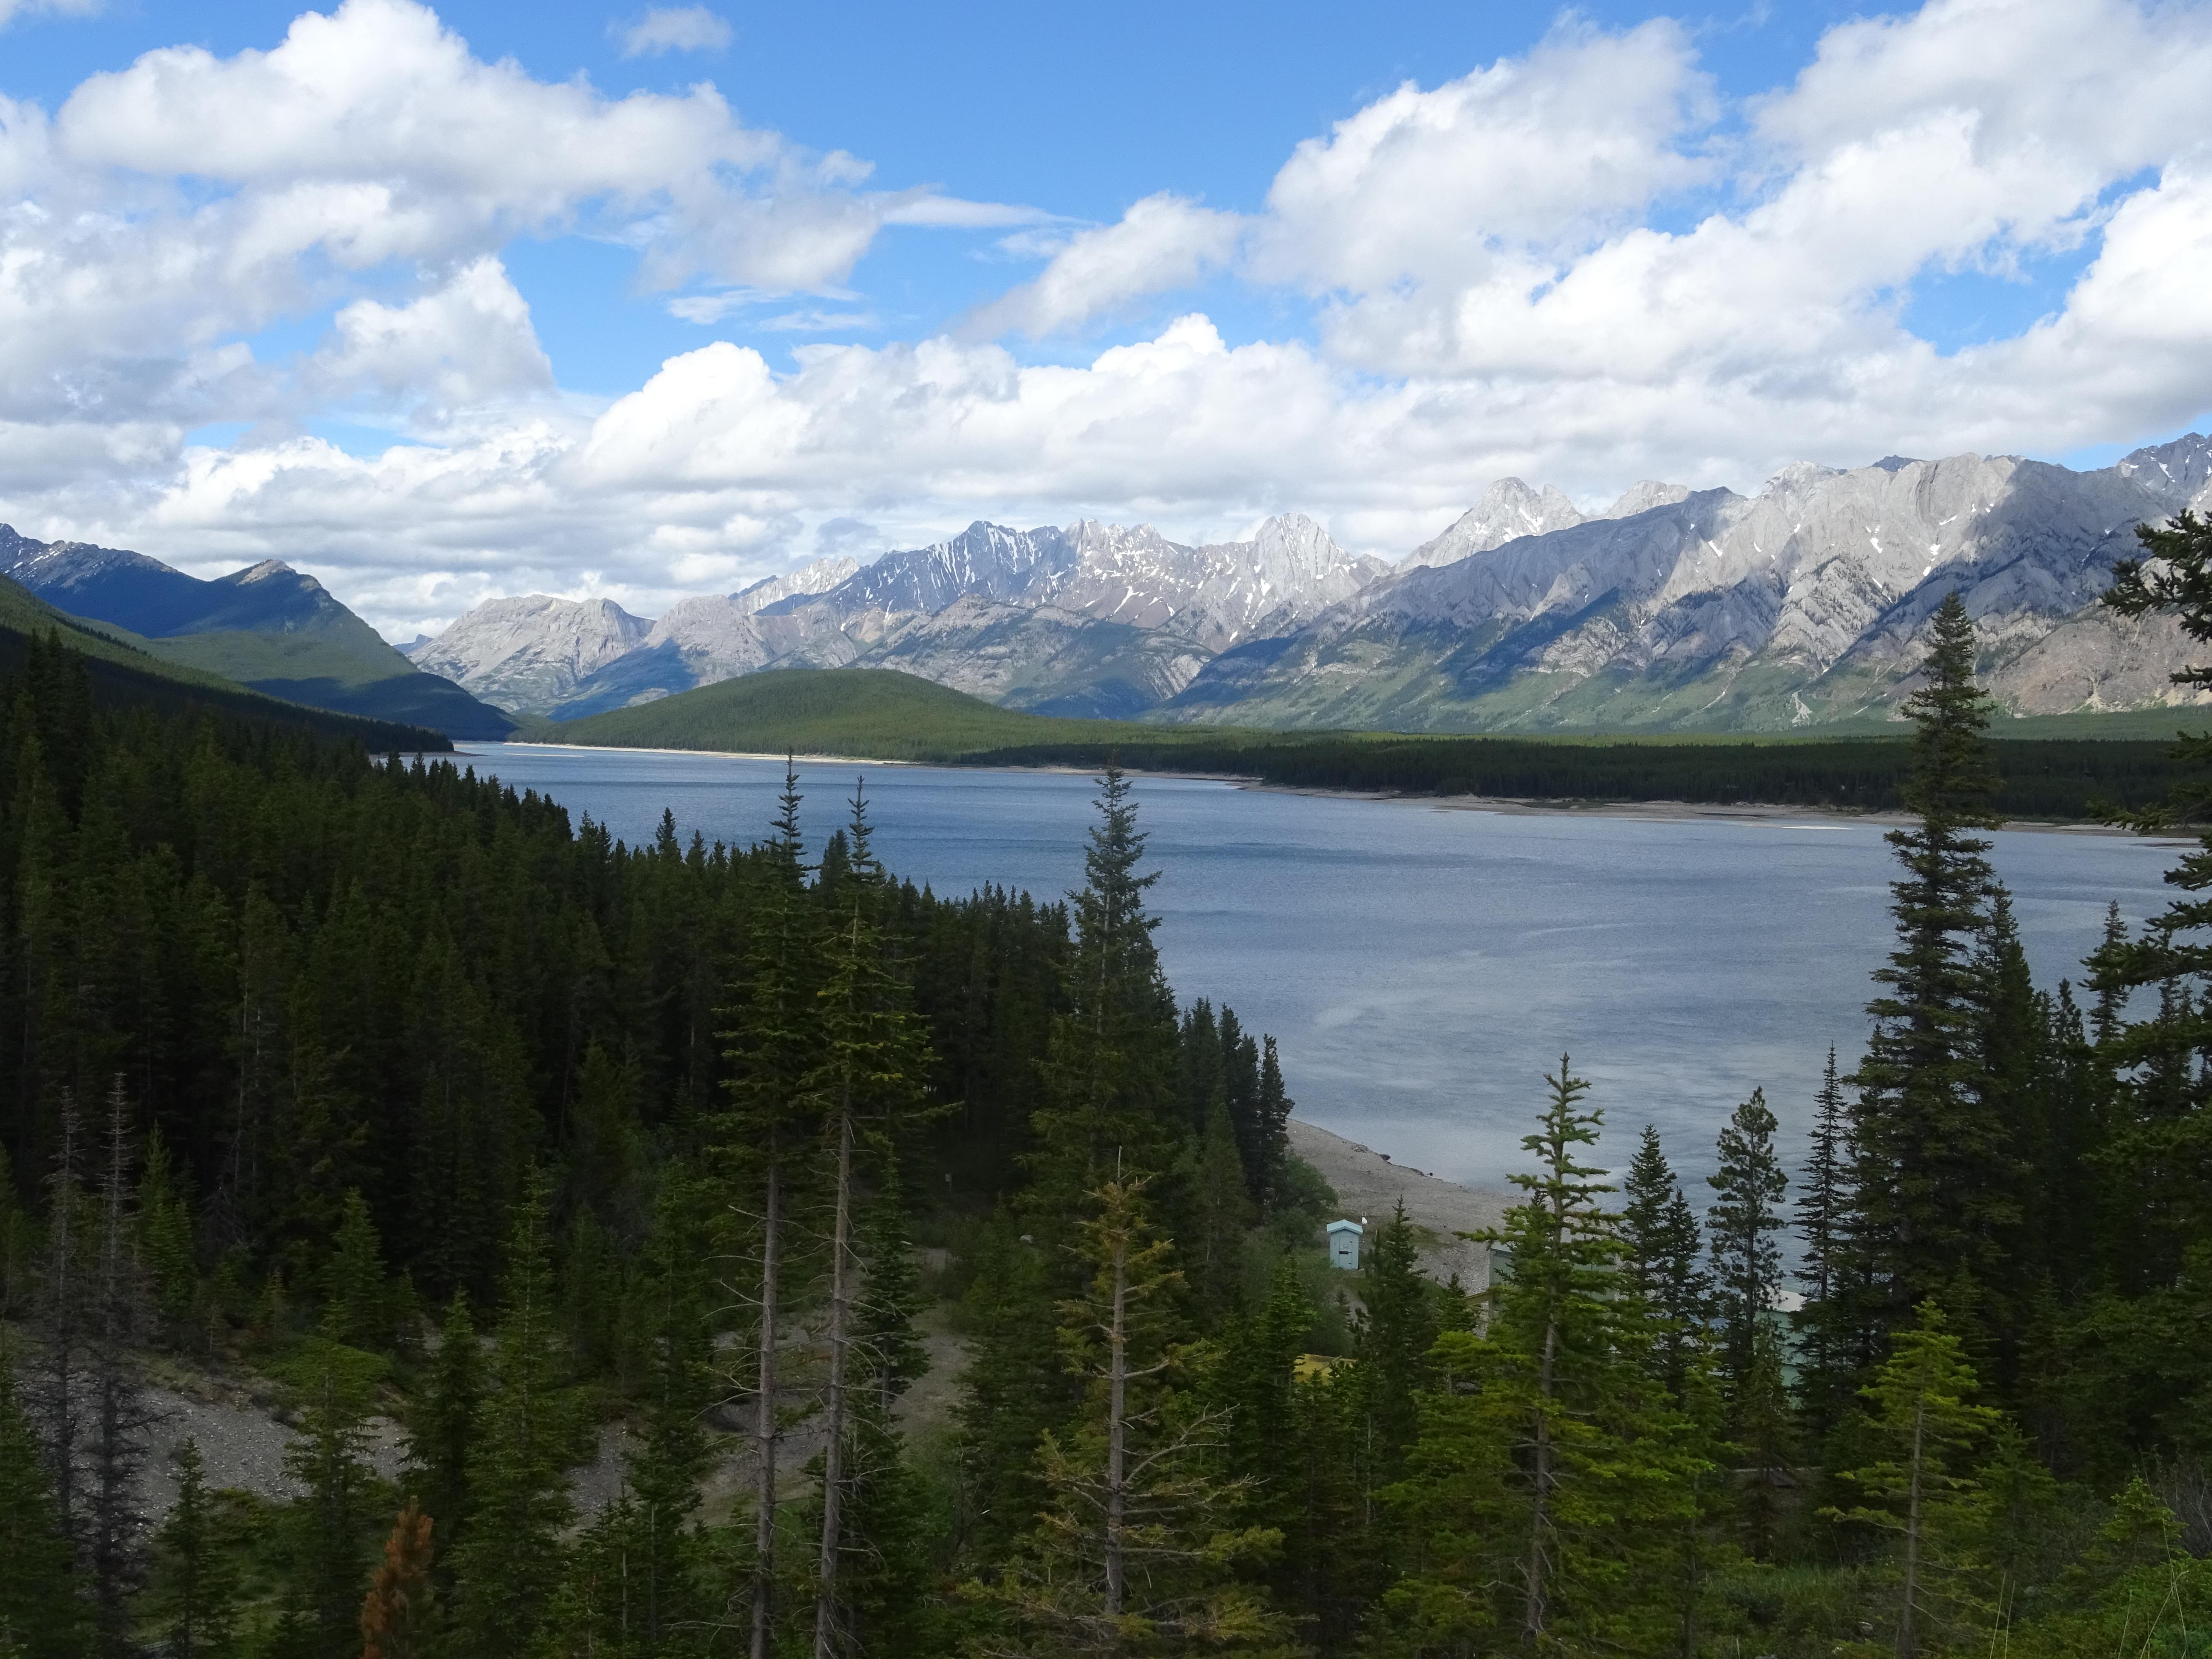 Lac Inférieur, Pays de Kananaskis, Alberta, Canada